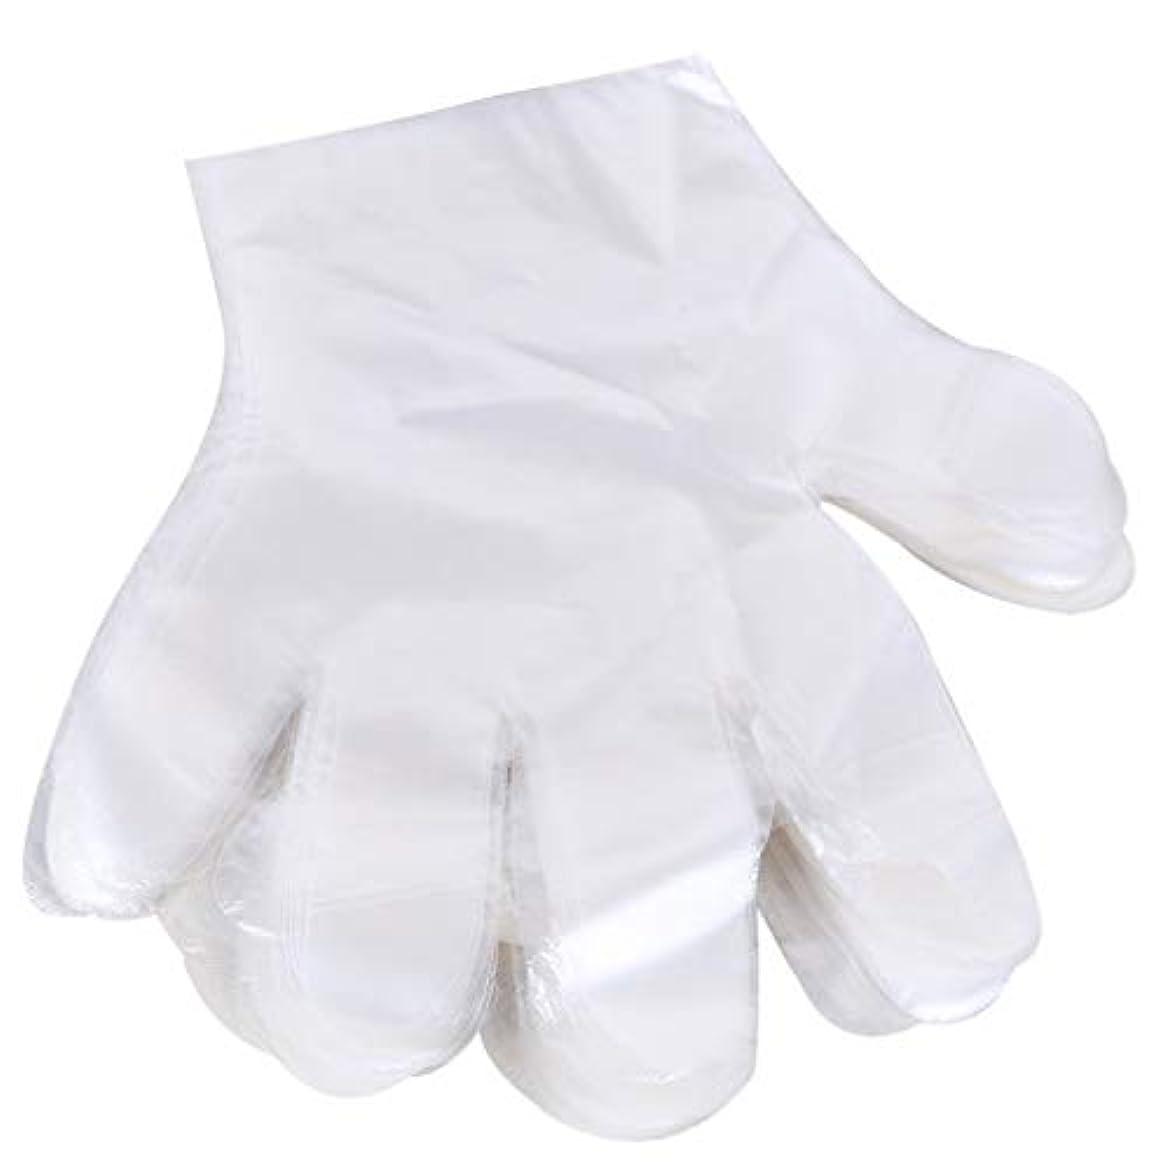 苦悩少しちらつき1000 使い捨て手袋、ケータリングヘアマスク食品ロブスター厚い透明プラスチックpeフィルム手袋透明カバー YANW